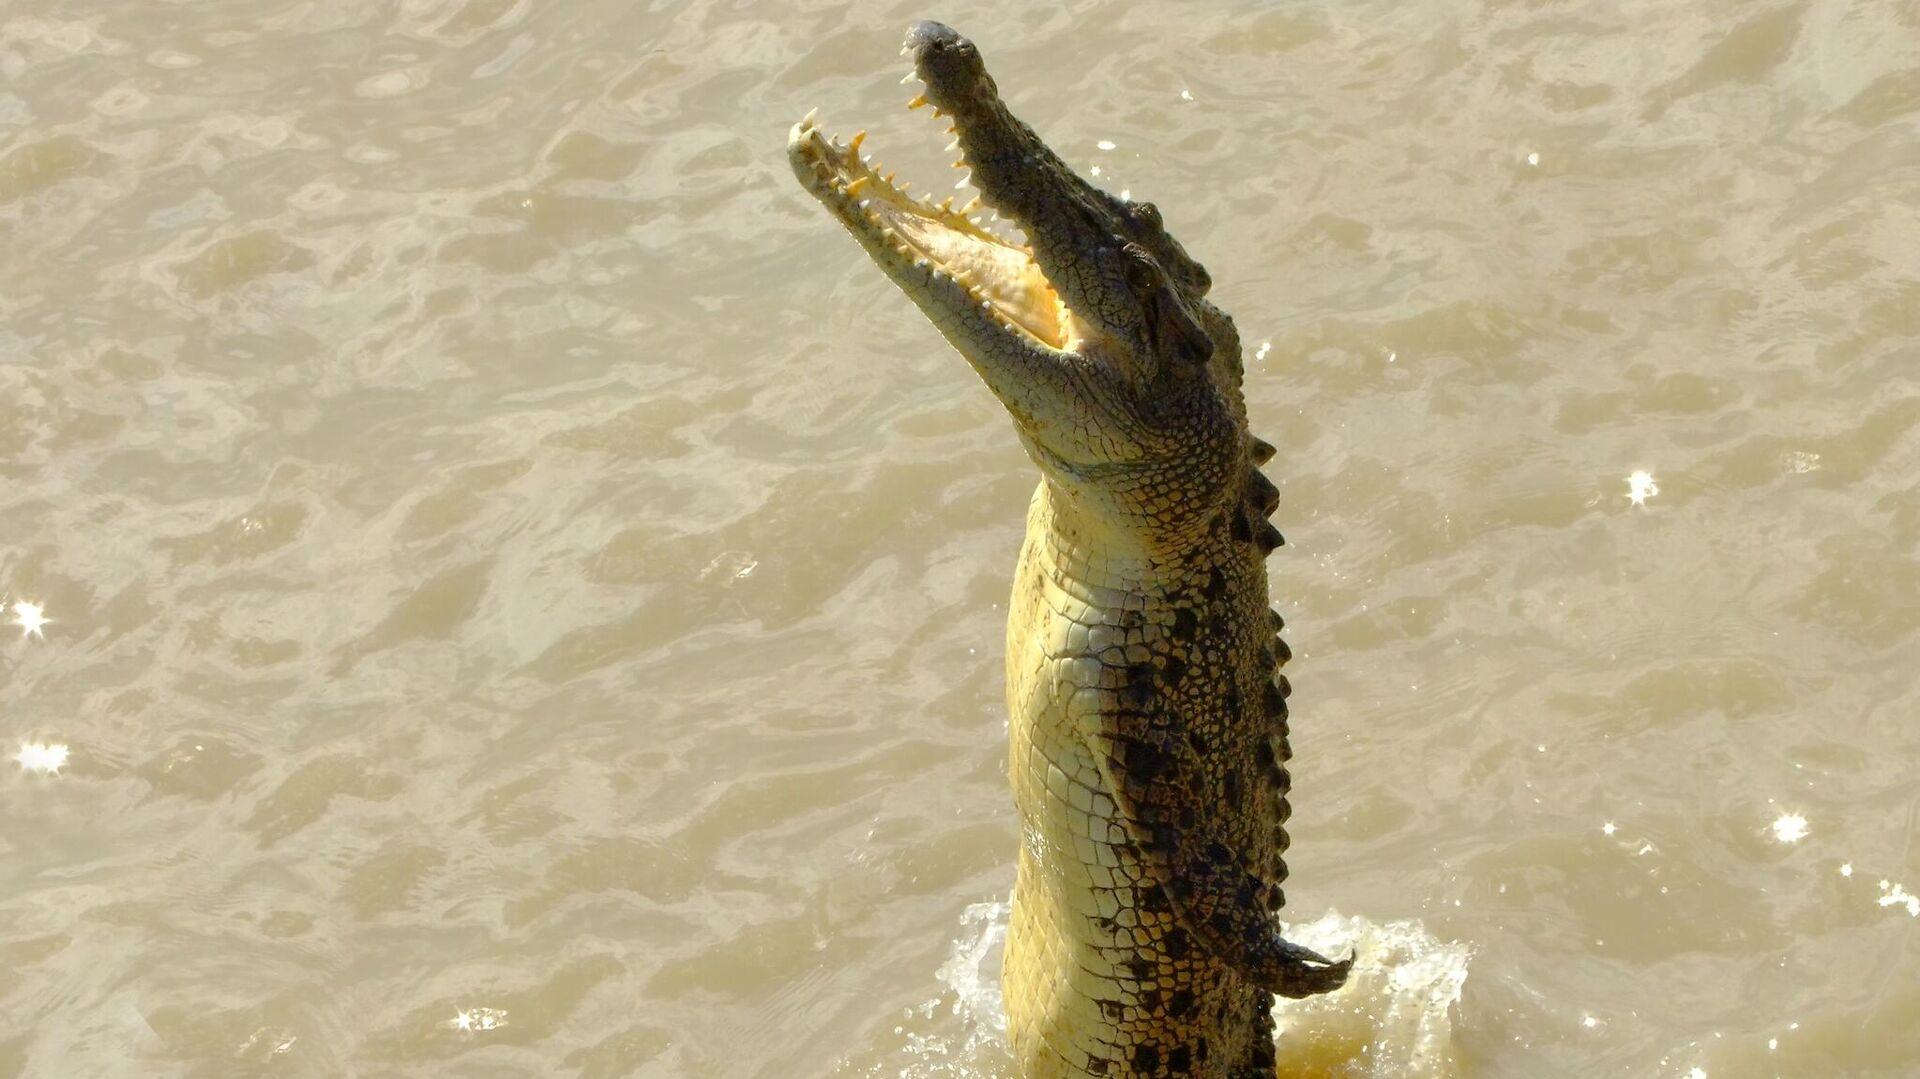 Besucher reißt Alligator dessen Maul auf und rettet Tierpflegerin - SNA, 1920, 04.10.2021